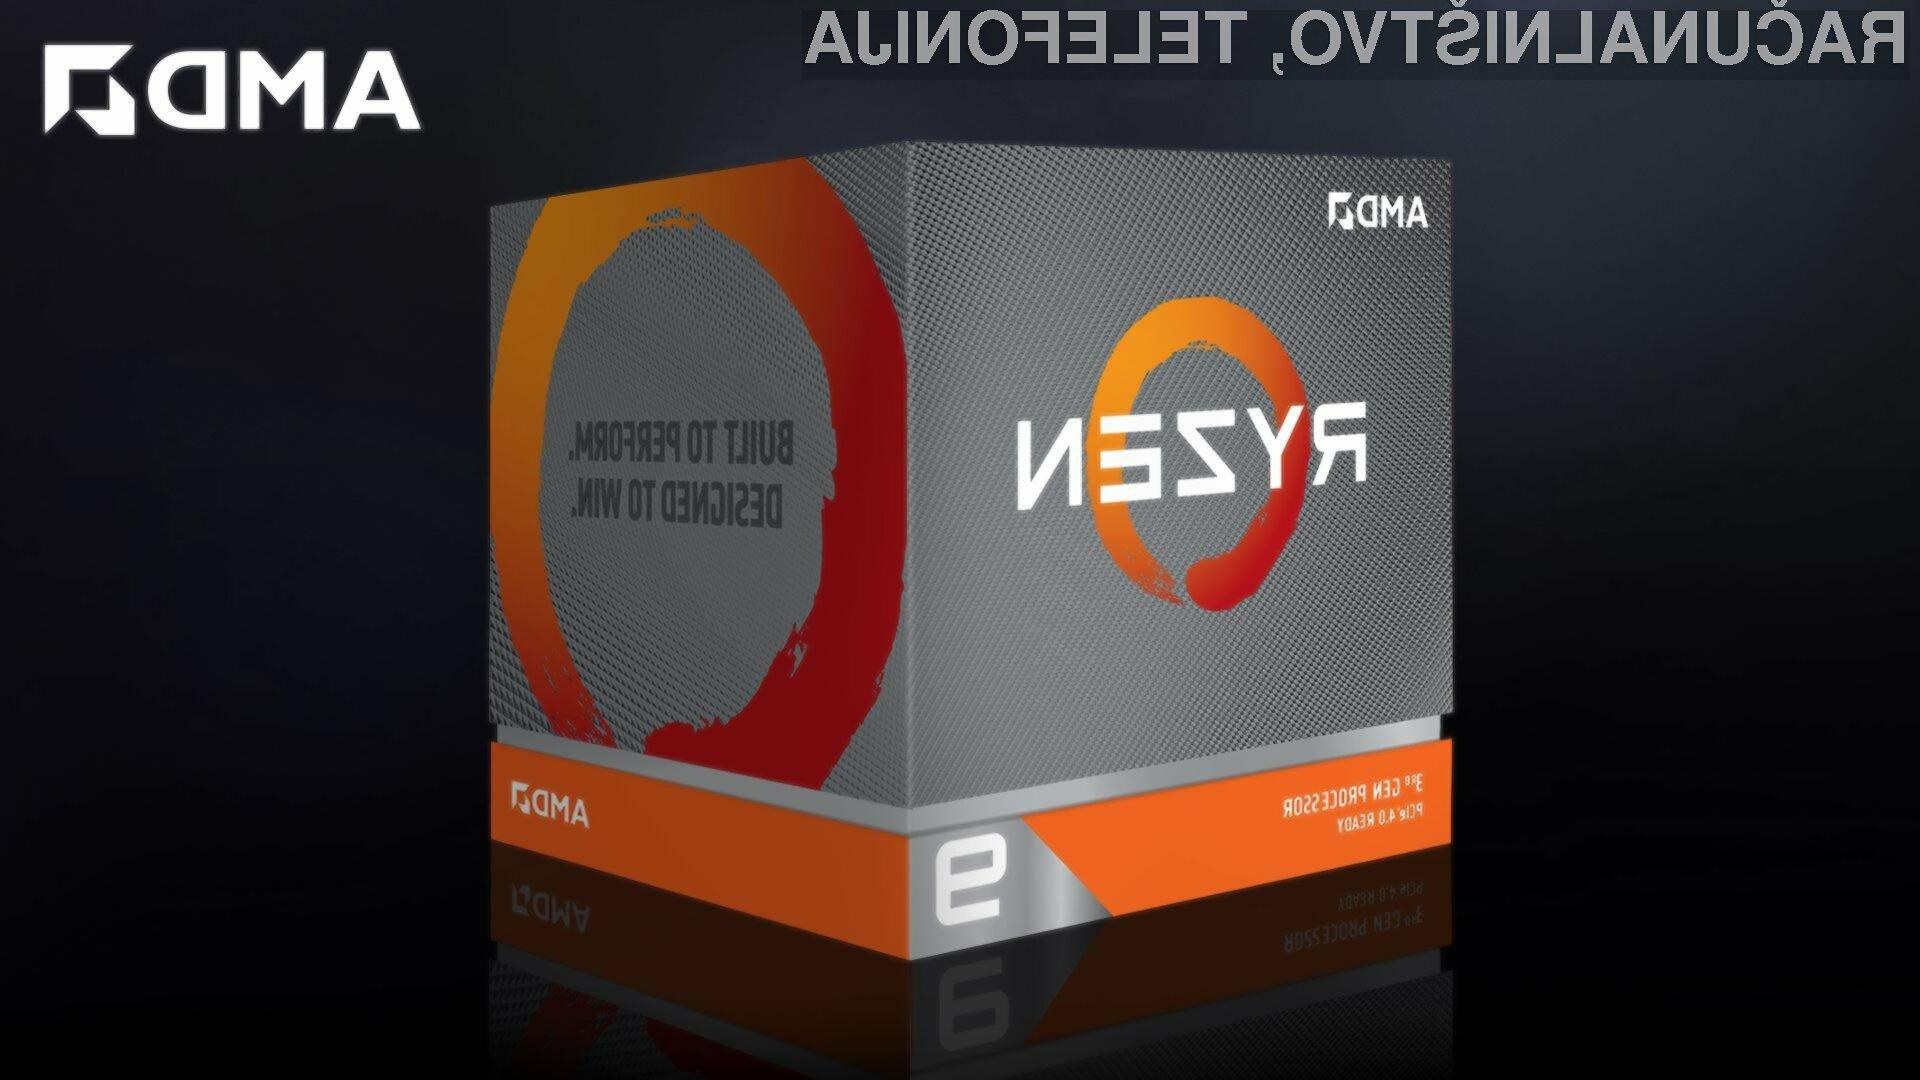 Procesor AMD Ryzen 9 3950X se bo brez težav prikupil tudi najzahtevnejšim uporabnikom.